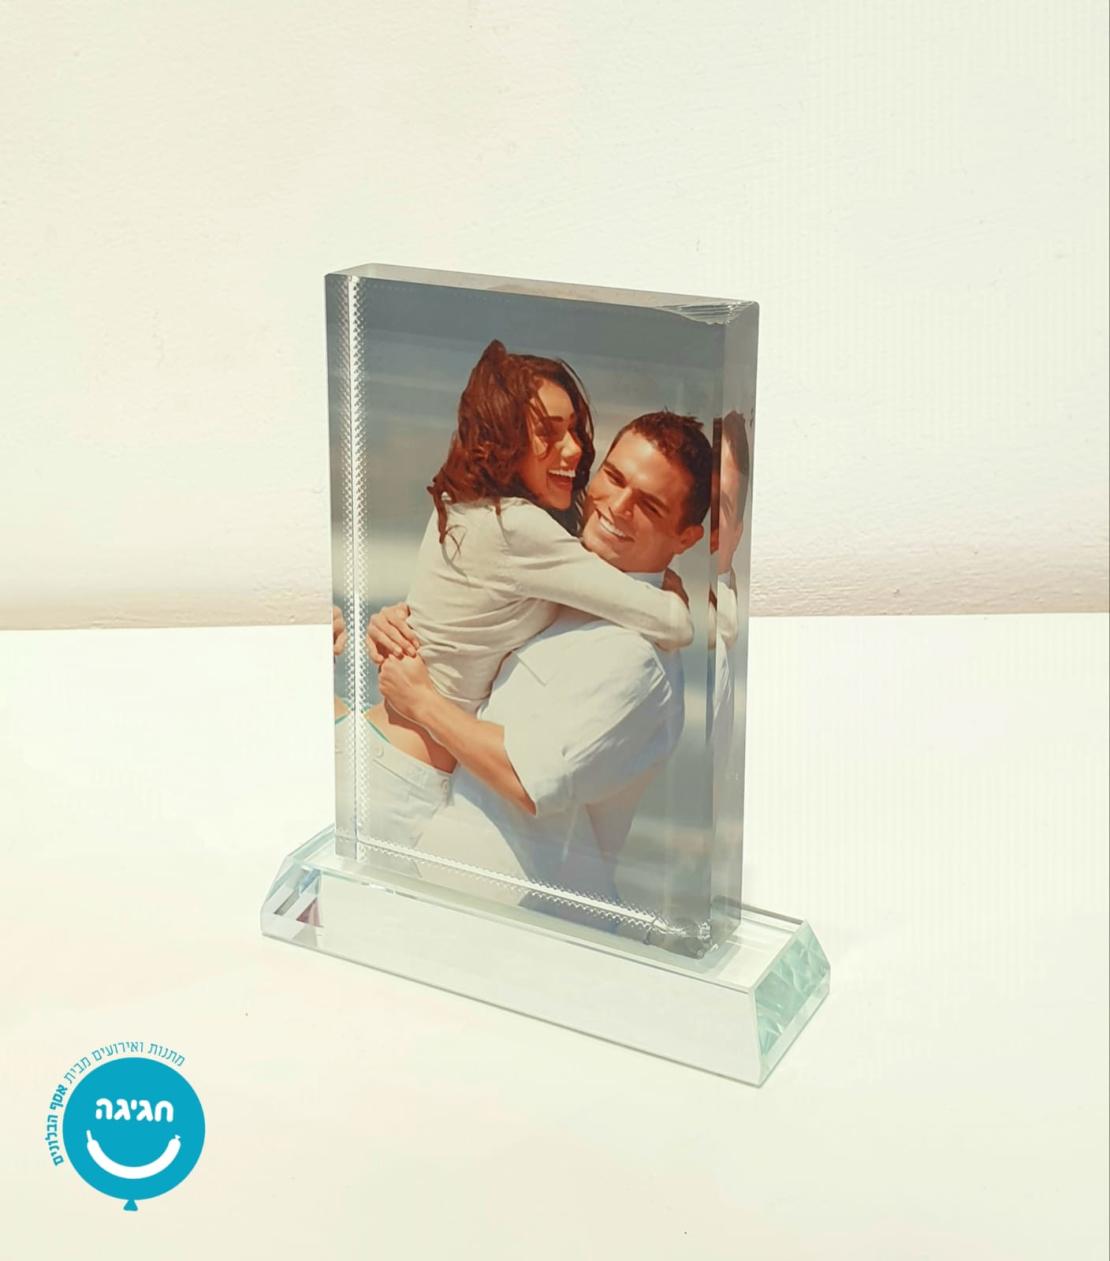 קריסטל זכוכית מלבן עם תמונה